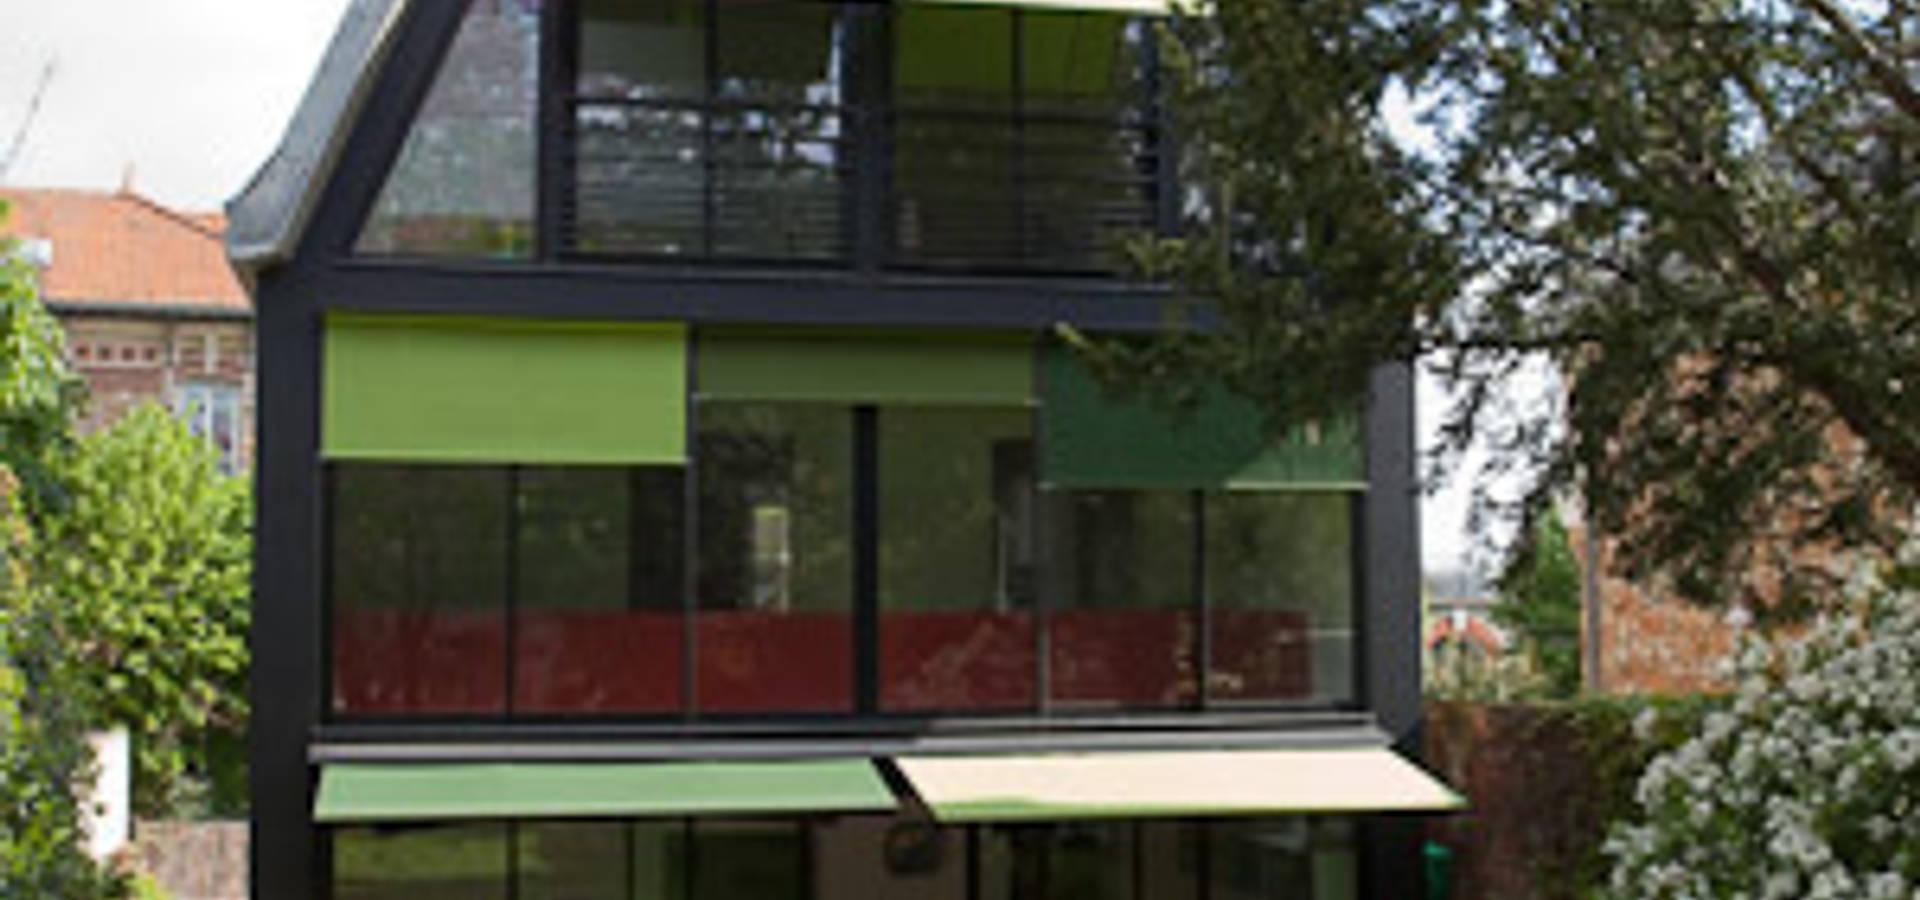 Atelier d'architecture Bm²